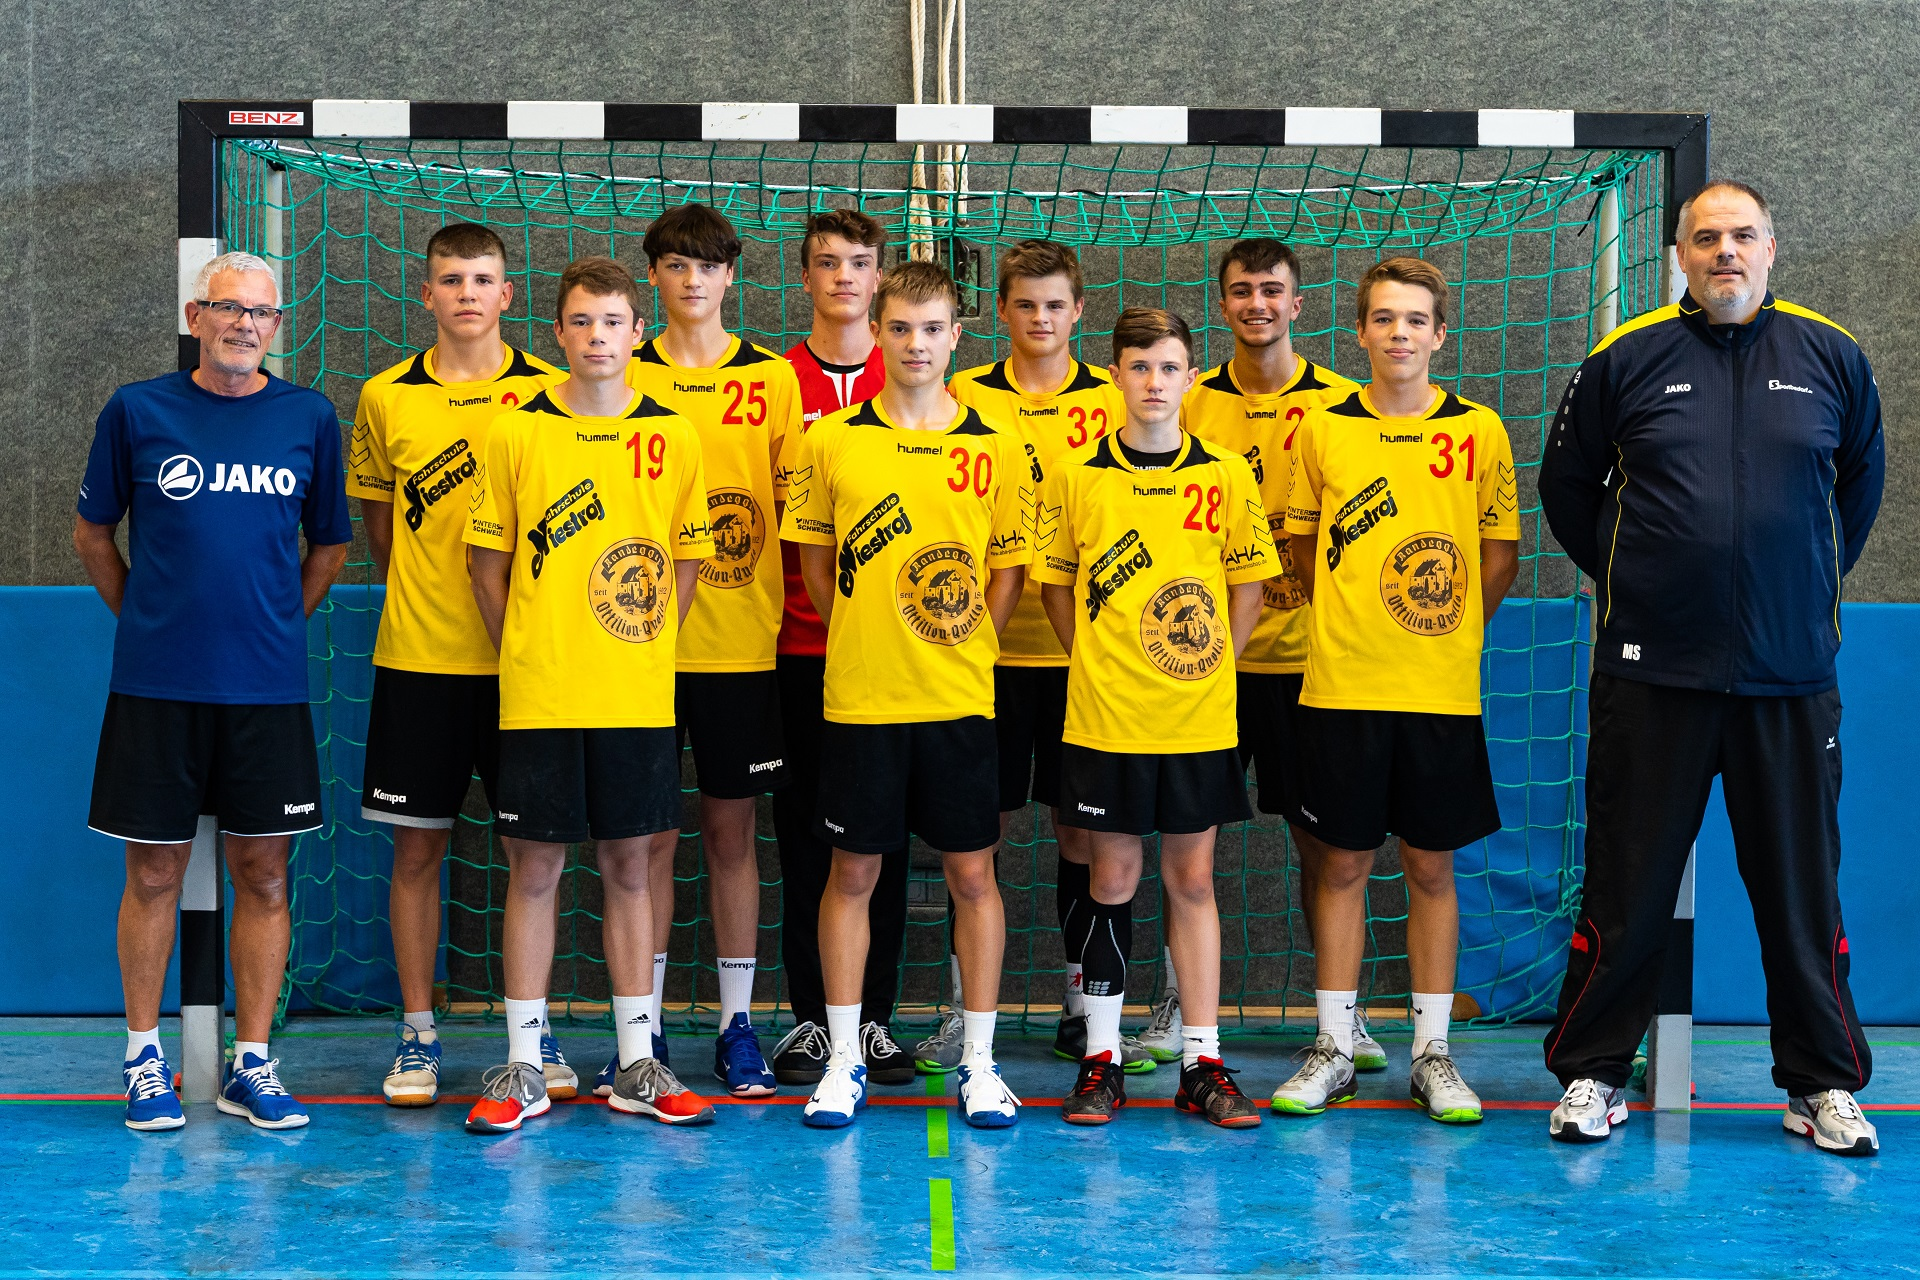 2020-2021 - Manschaftsbild JSG Hegau B-Jugend